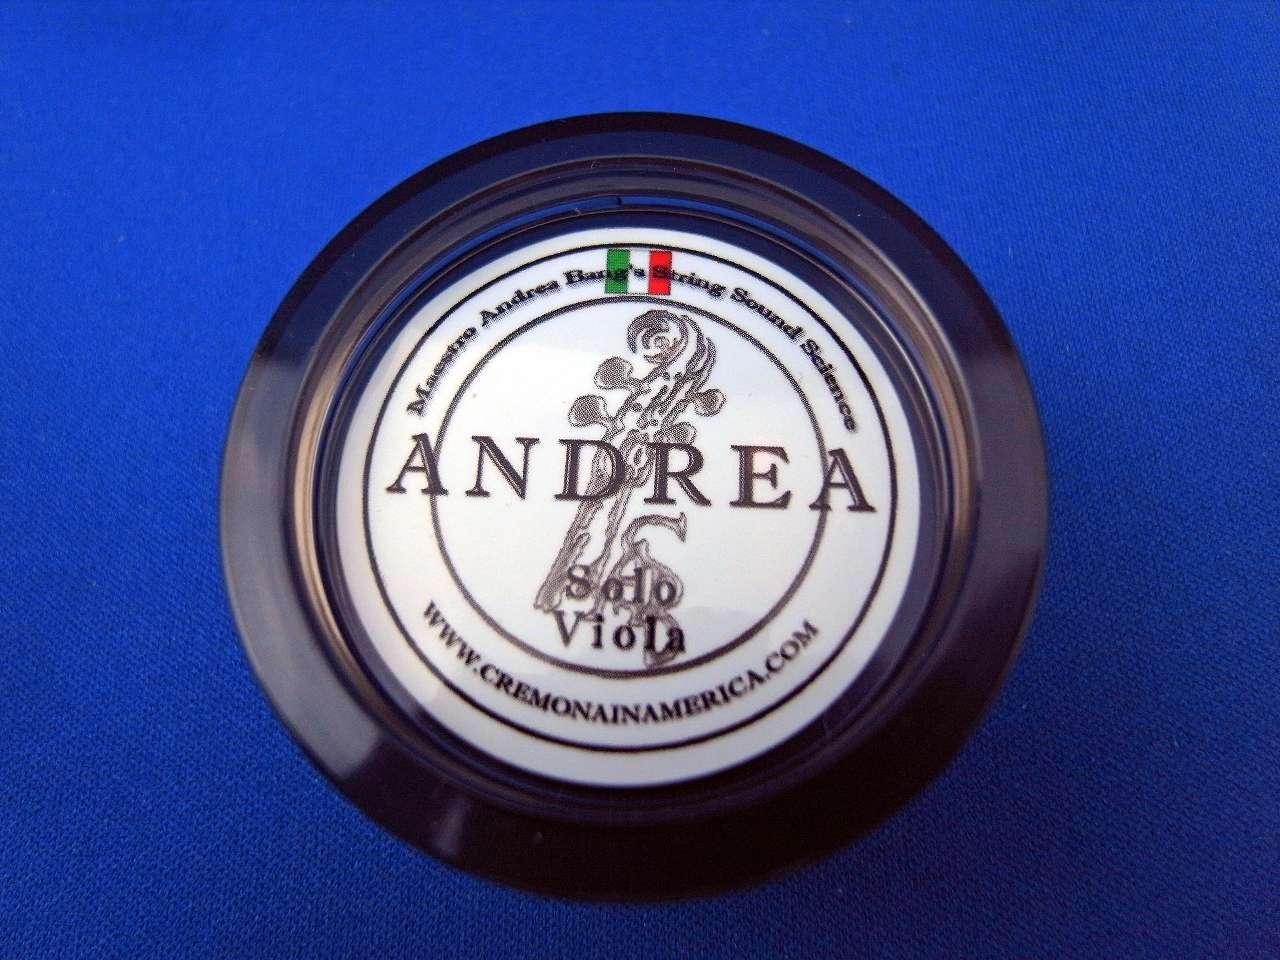 画像1: アンドレア・ロジン「ソロ・ビオラ」 Andrea Rosin「Solo Viola」